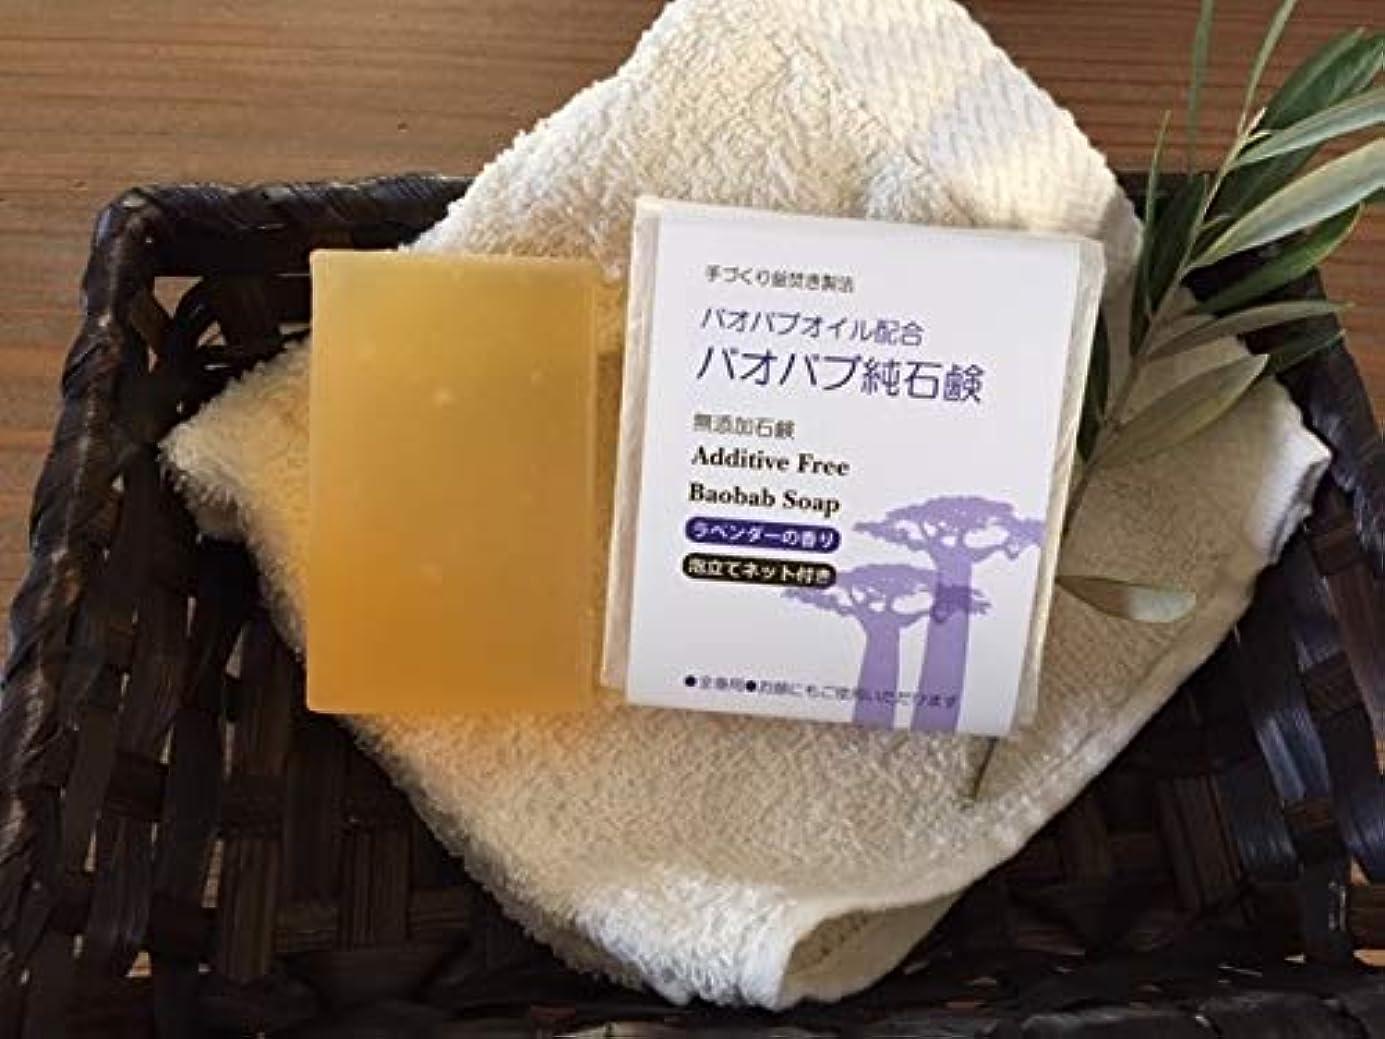 刈る平和なハング手づくり釜焚き石鹸 バオバブ純石鹸 ラベンダーの香り 130g バス用ジャンボサイズ『ゴールド 未精製 バオバブオイル配合』 有機栽培のバオバブオイルをたっぷり配合しました